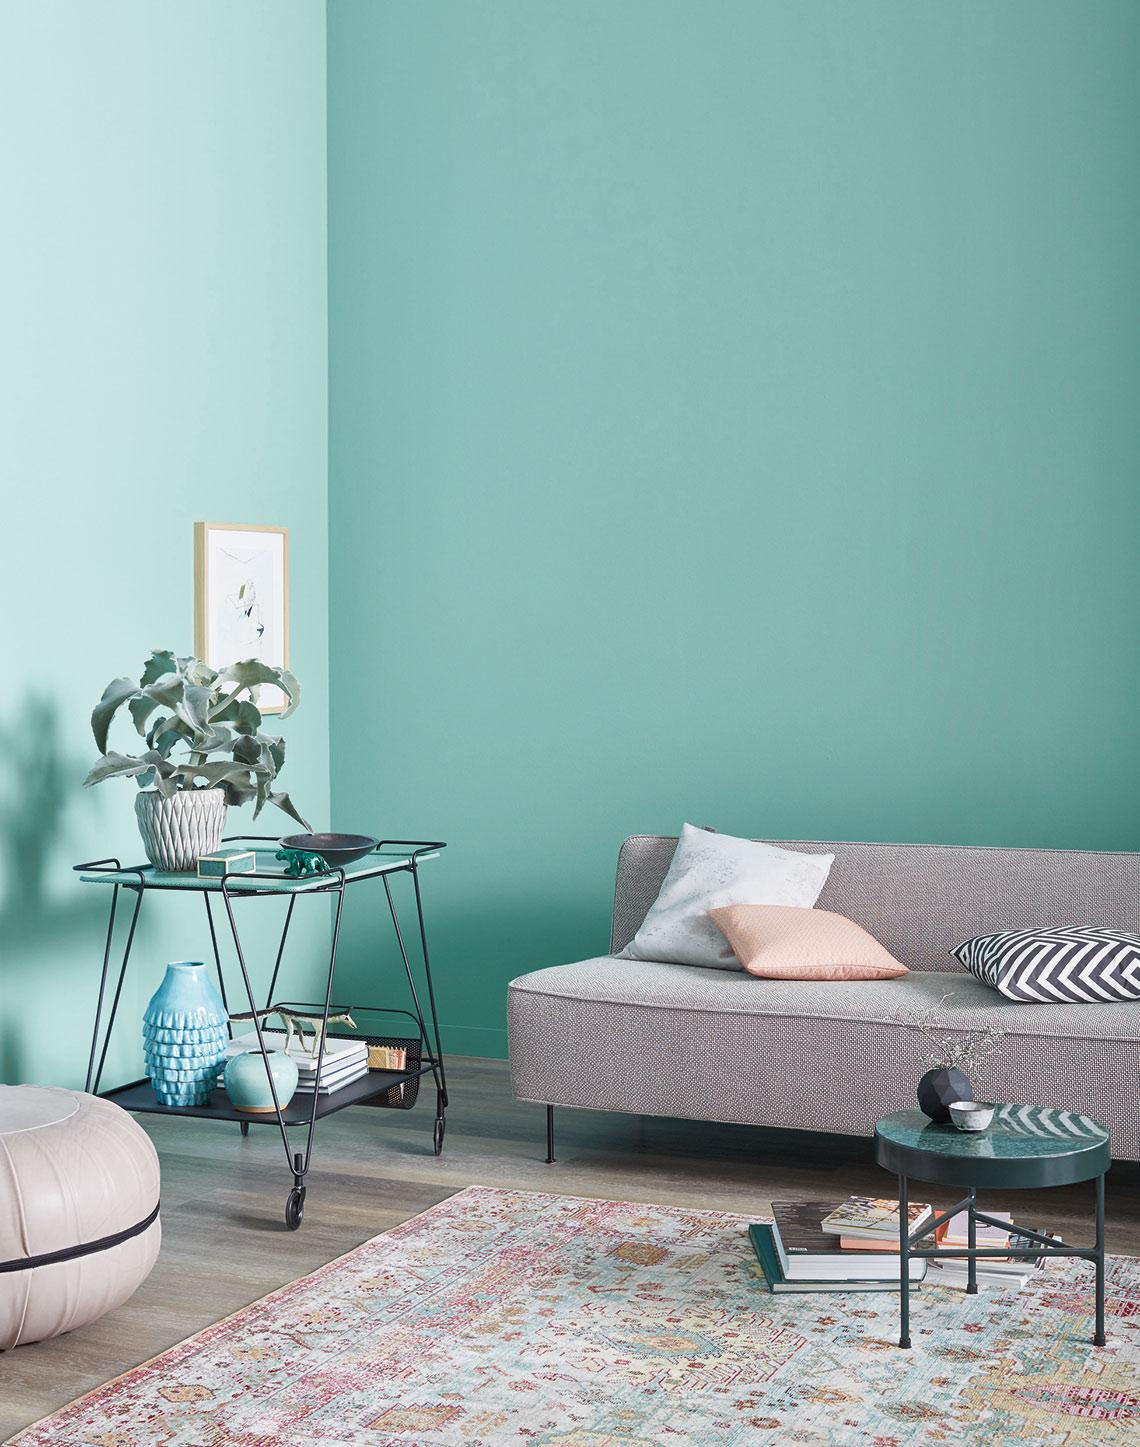 Full Size of Graues Sofa Wandfarbe Graue Couch Ikea Grauer Teppich Welche Kombinieren Dekorieren Kissen Blauer Kissenfarbe Passt Wohnzimmer Mit Bunte Farbe Welcher Gelbe Sofa Graues Sofa